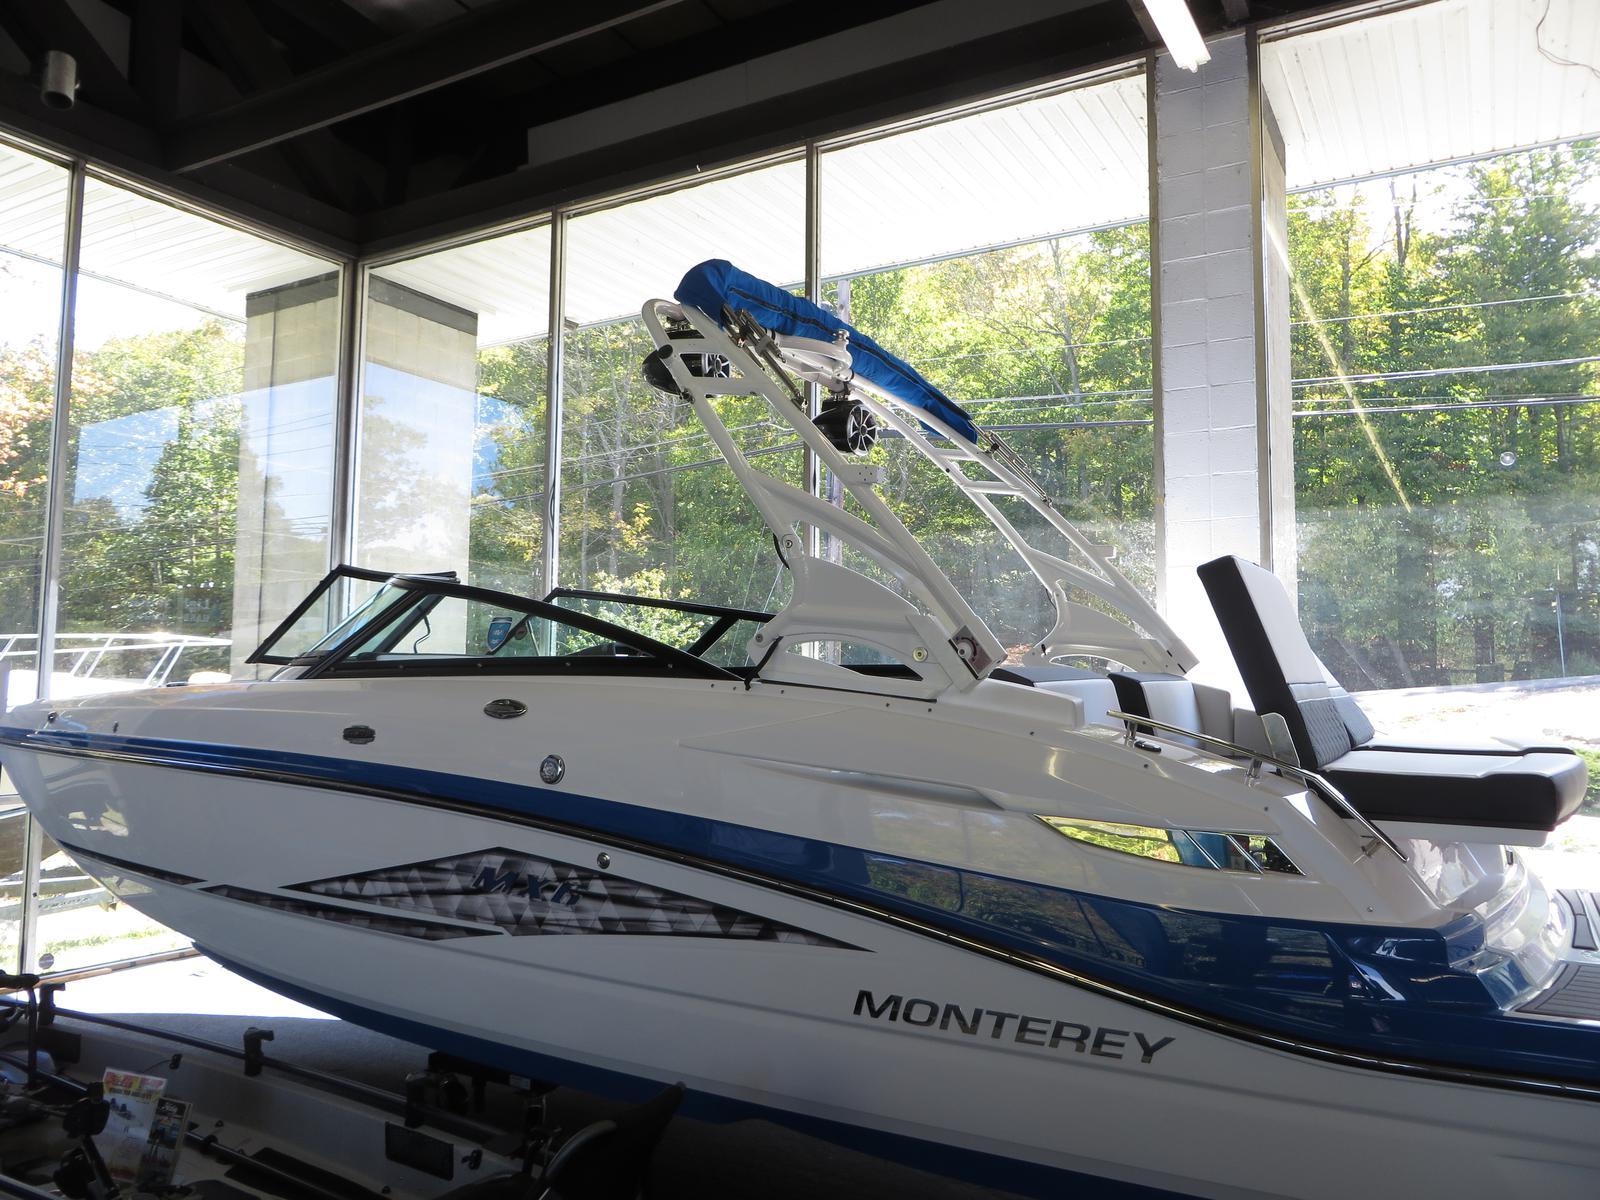 Monterey MX6